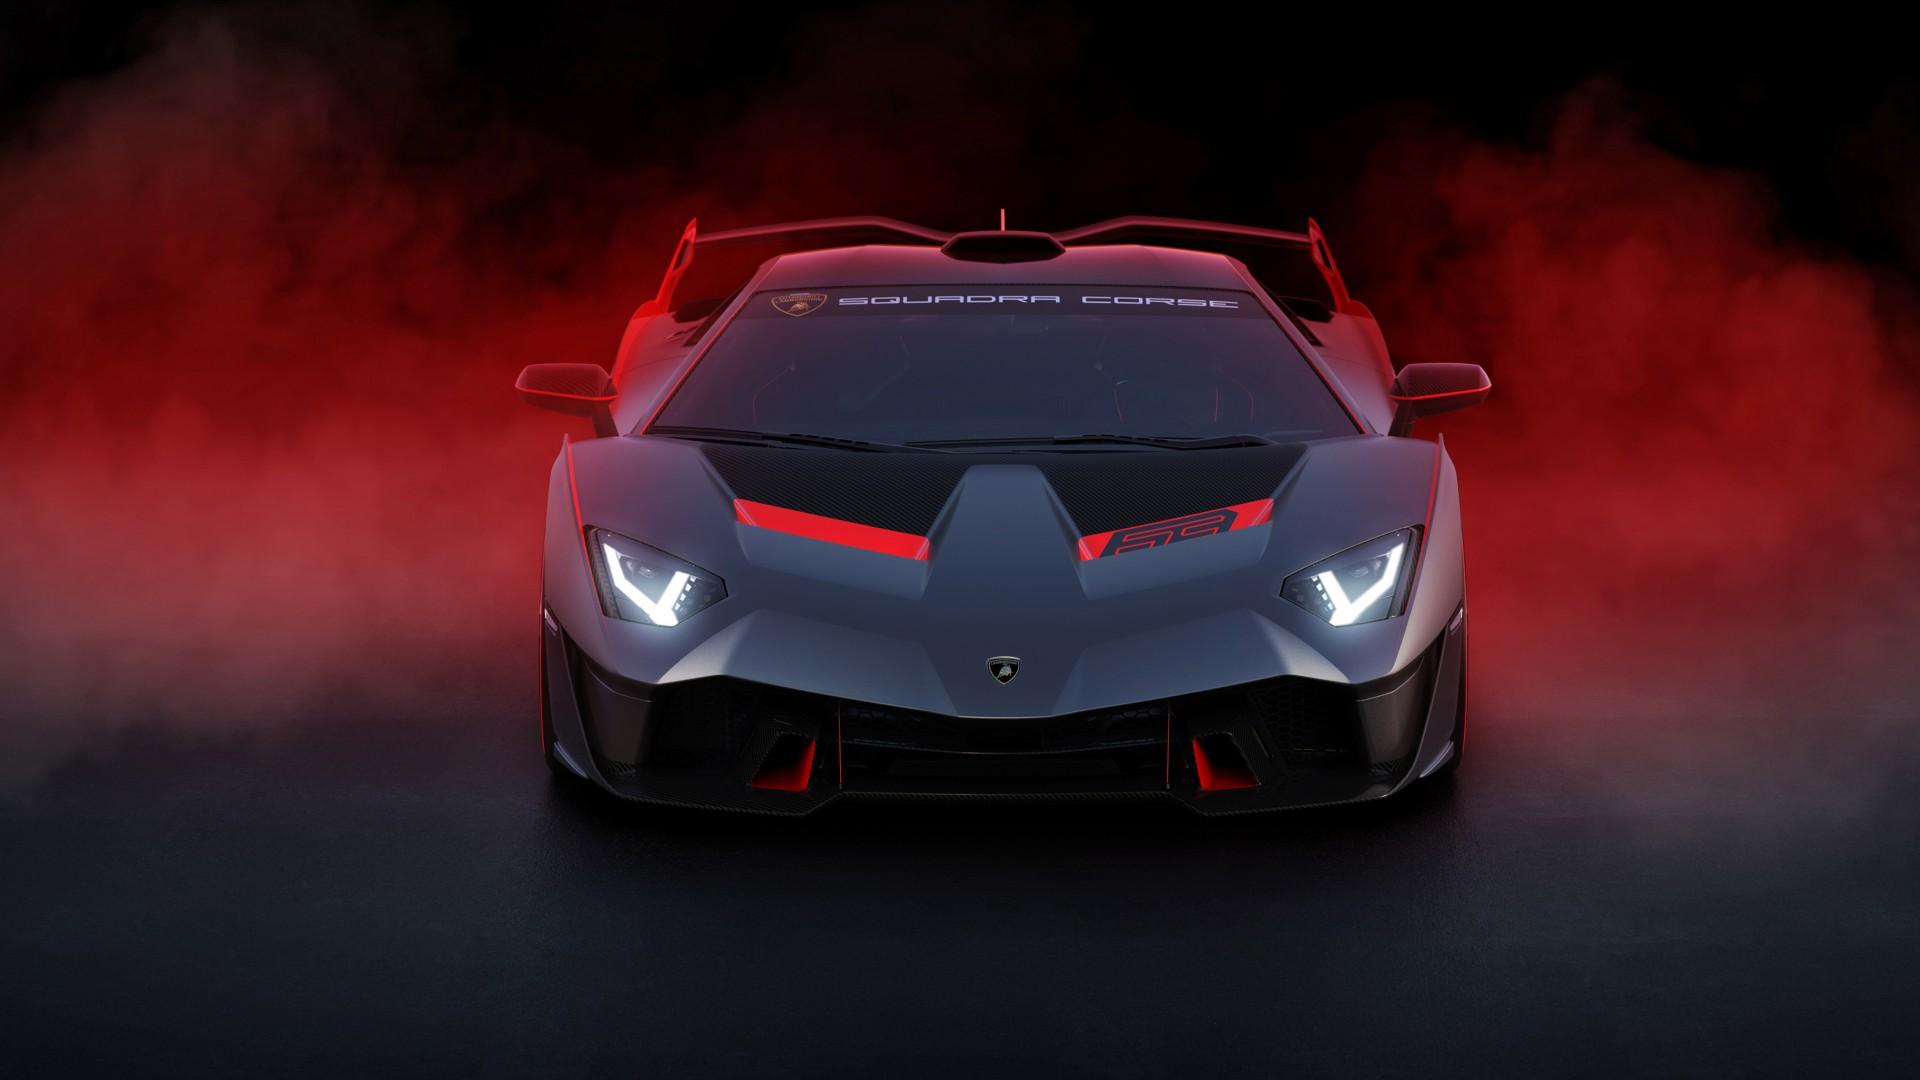 Wallpaper Lamborghini SC18, supercar, 2018 Cars, 4K, Cars ...